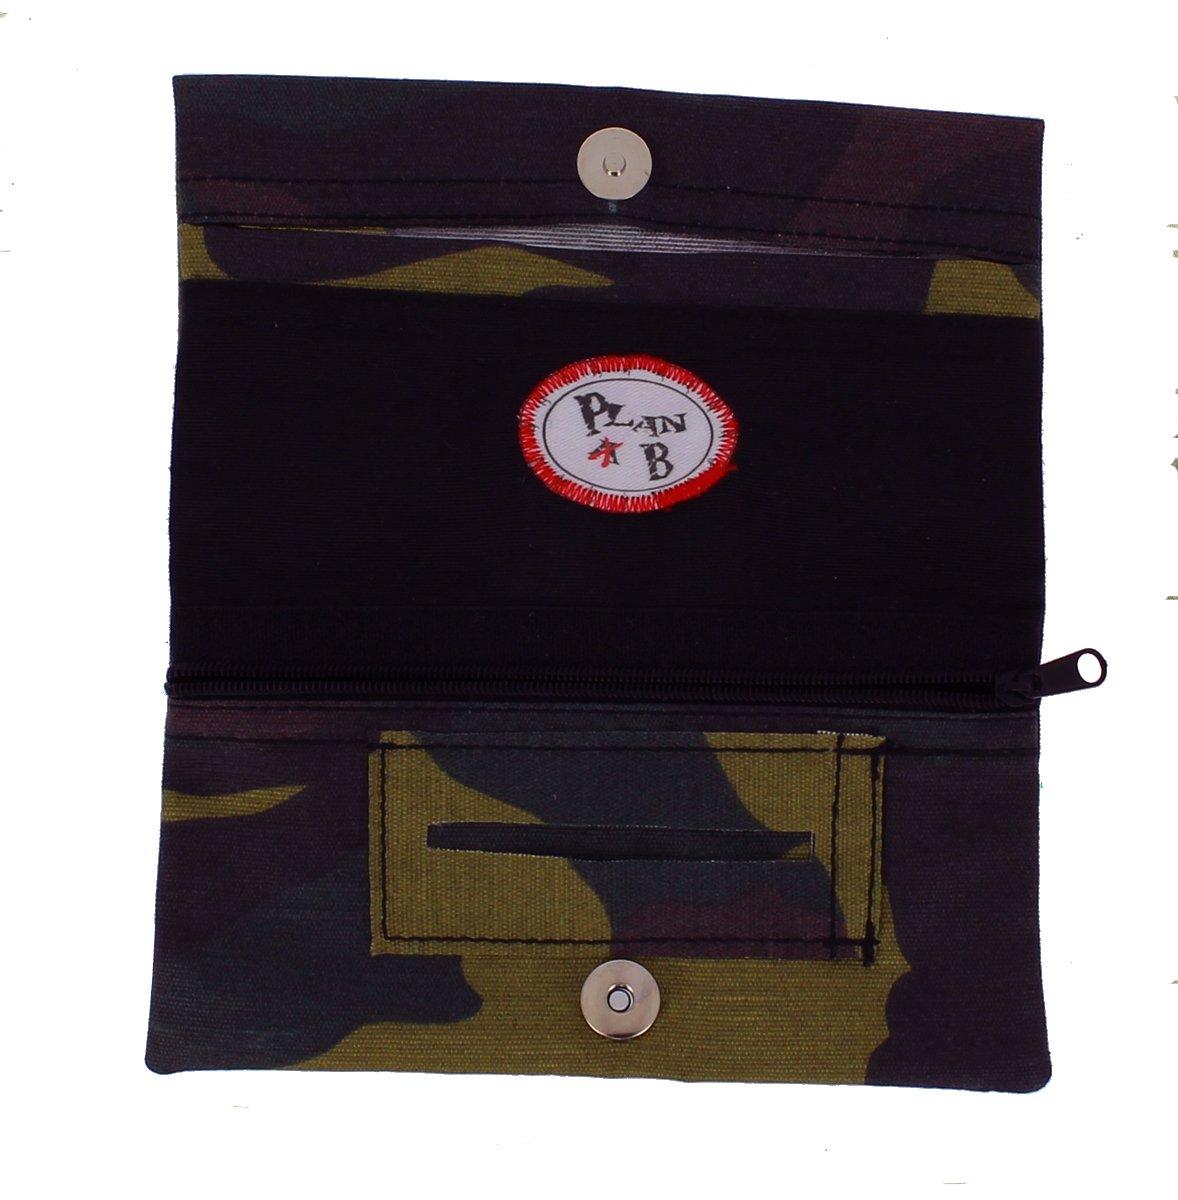 TABAQUERA Plan B Modelo TheOne Militar - Funda para tabaco de liar de diseño casual con compartimentos para boquillas, papel y picadura /TheOne ...